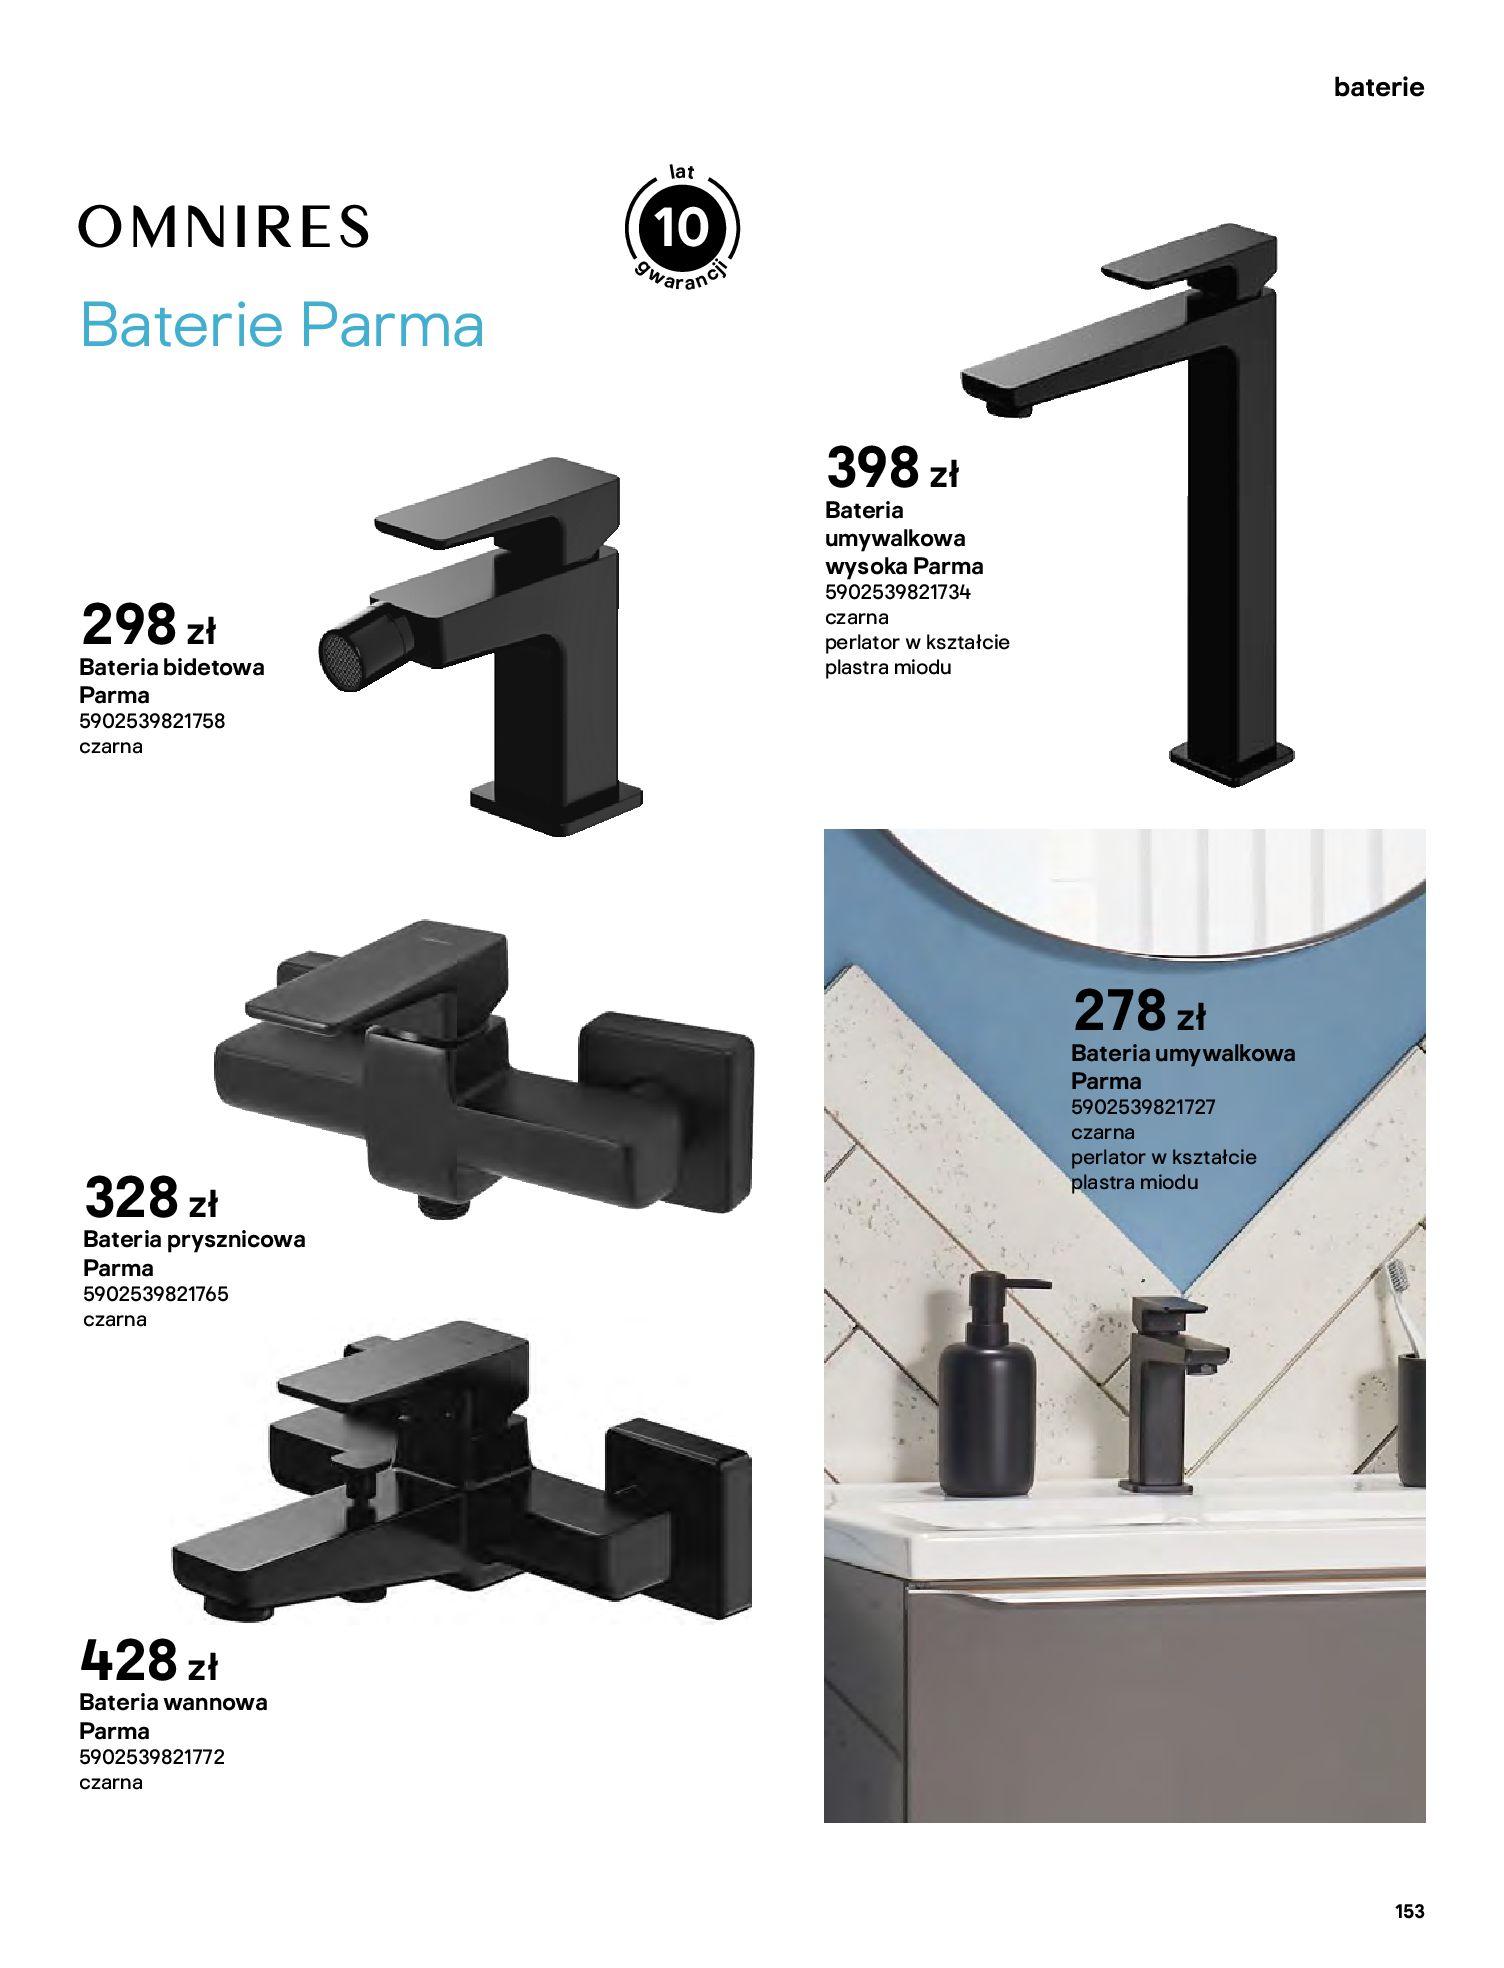 Gazetka Castorama: Gazetka Castorama - katalog łazienki 2021 2021-06-16 page-153